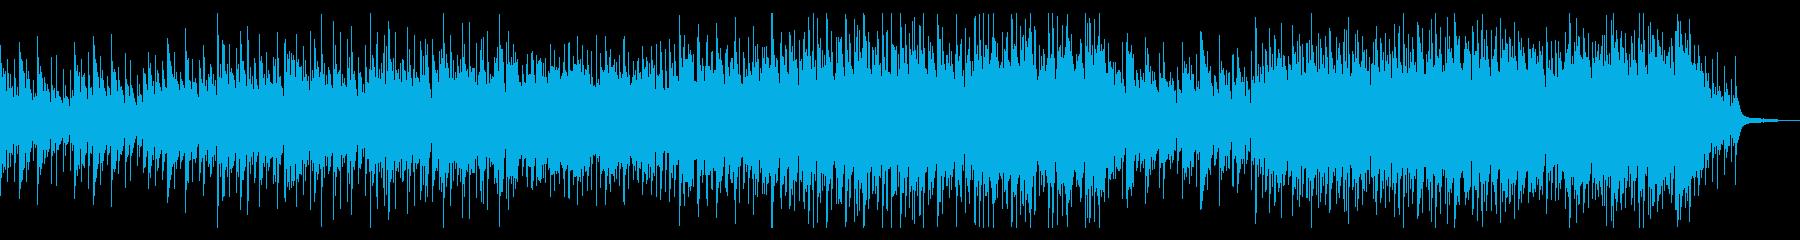 感動的ポップオーケストラの再生済みの波形